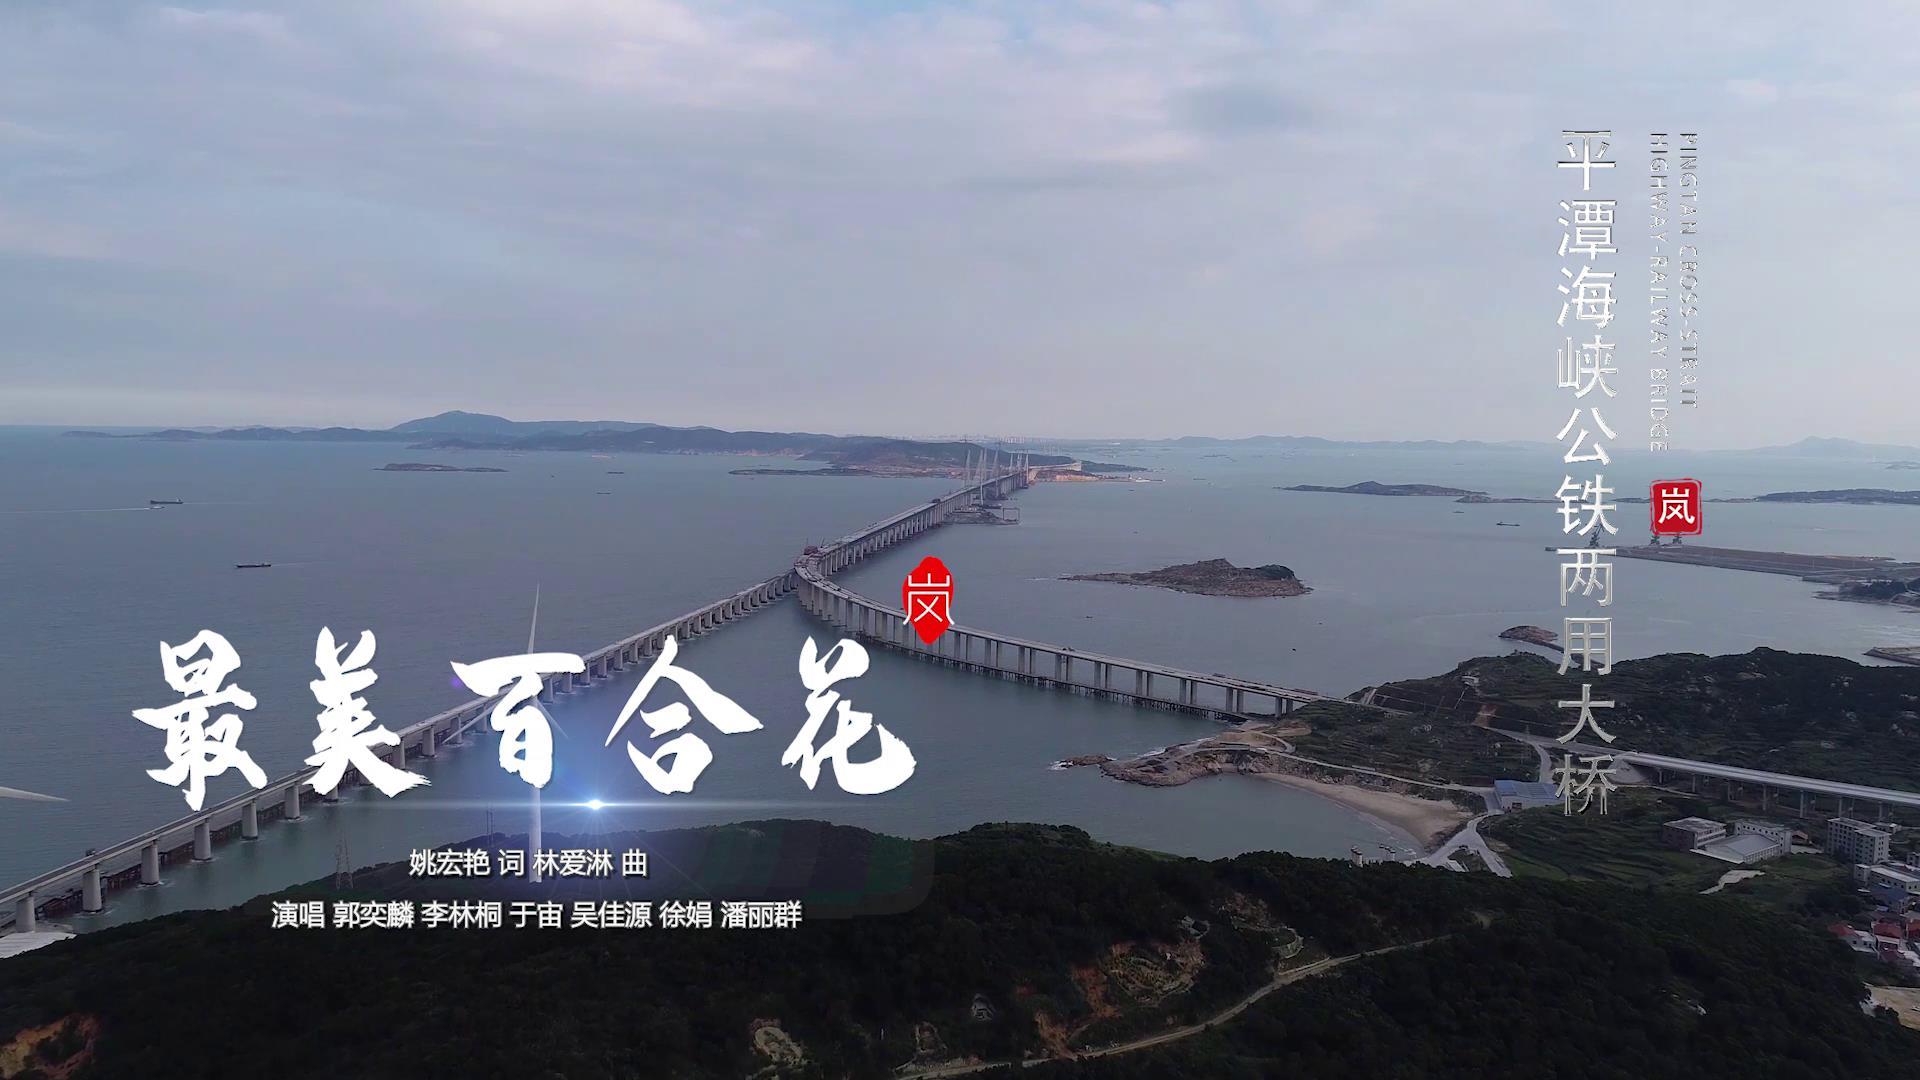 最美百合花封面图].jpg